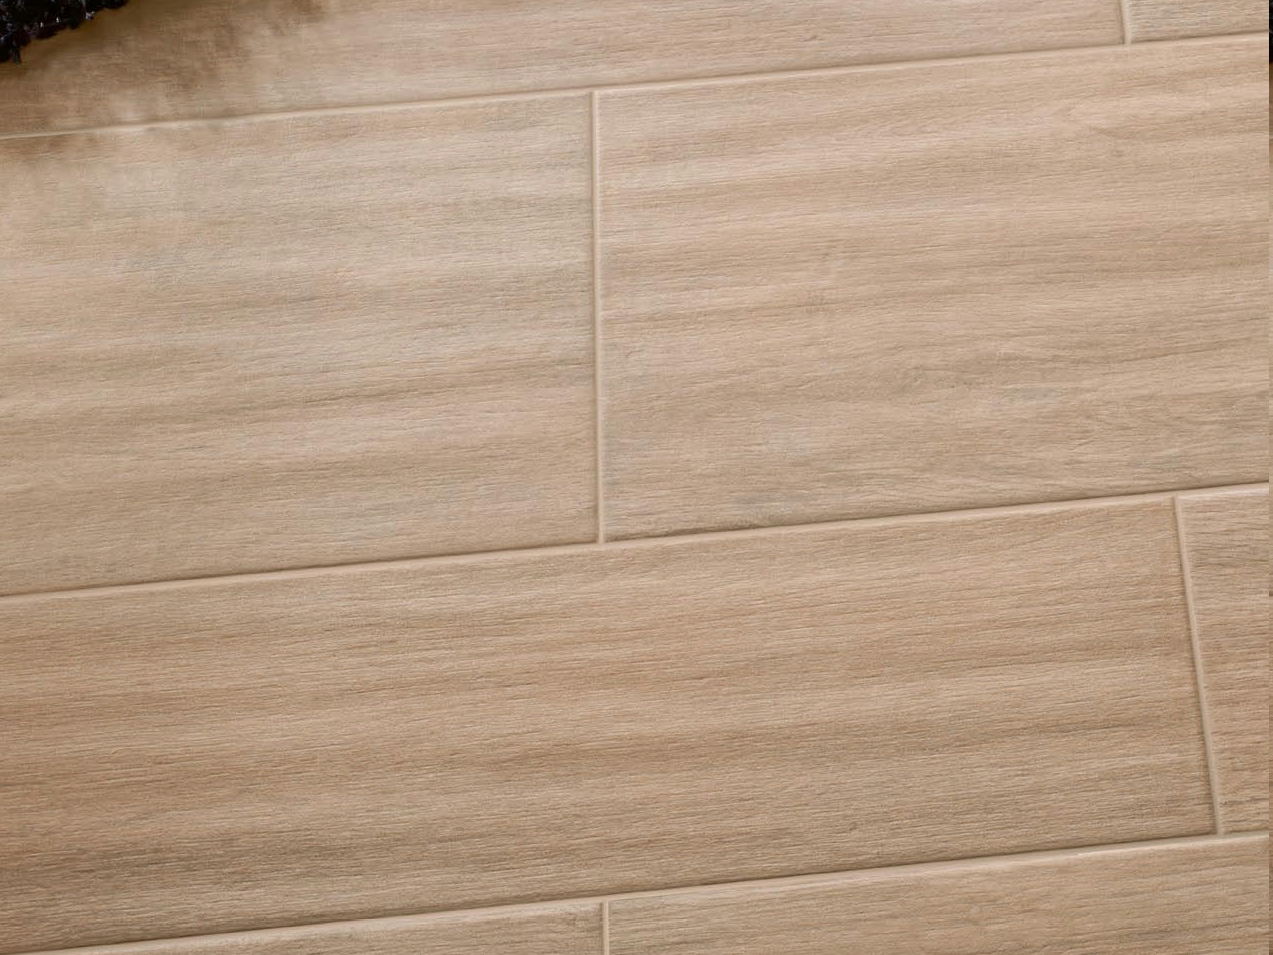 pisos para baos imitacion maderapiso de ceramica imitacion madera _ pisos para baos imitacion madera - Baldosas Imitacion Madera